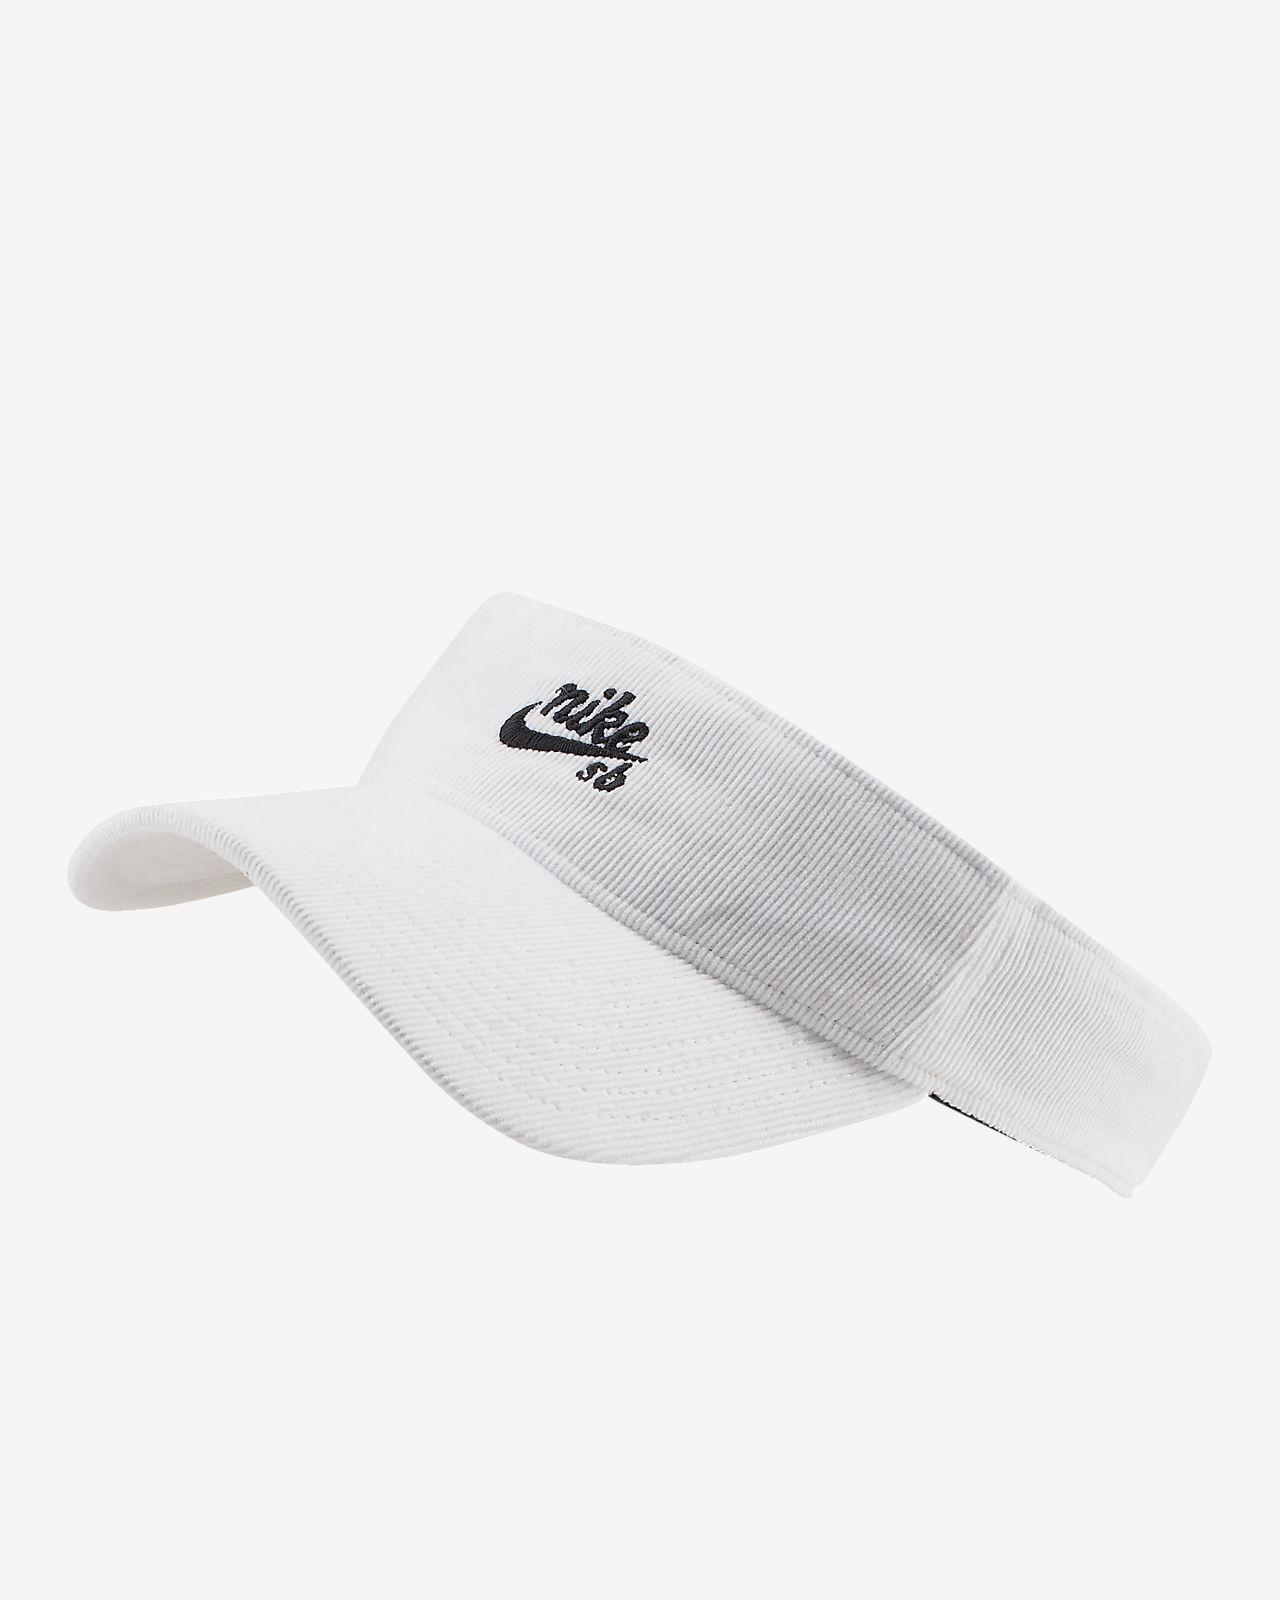 Nike SB Skate Visor